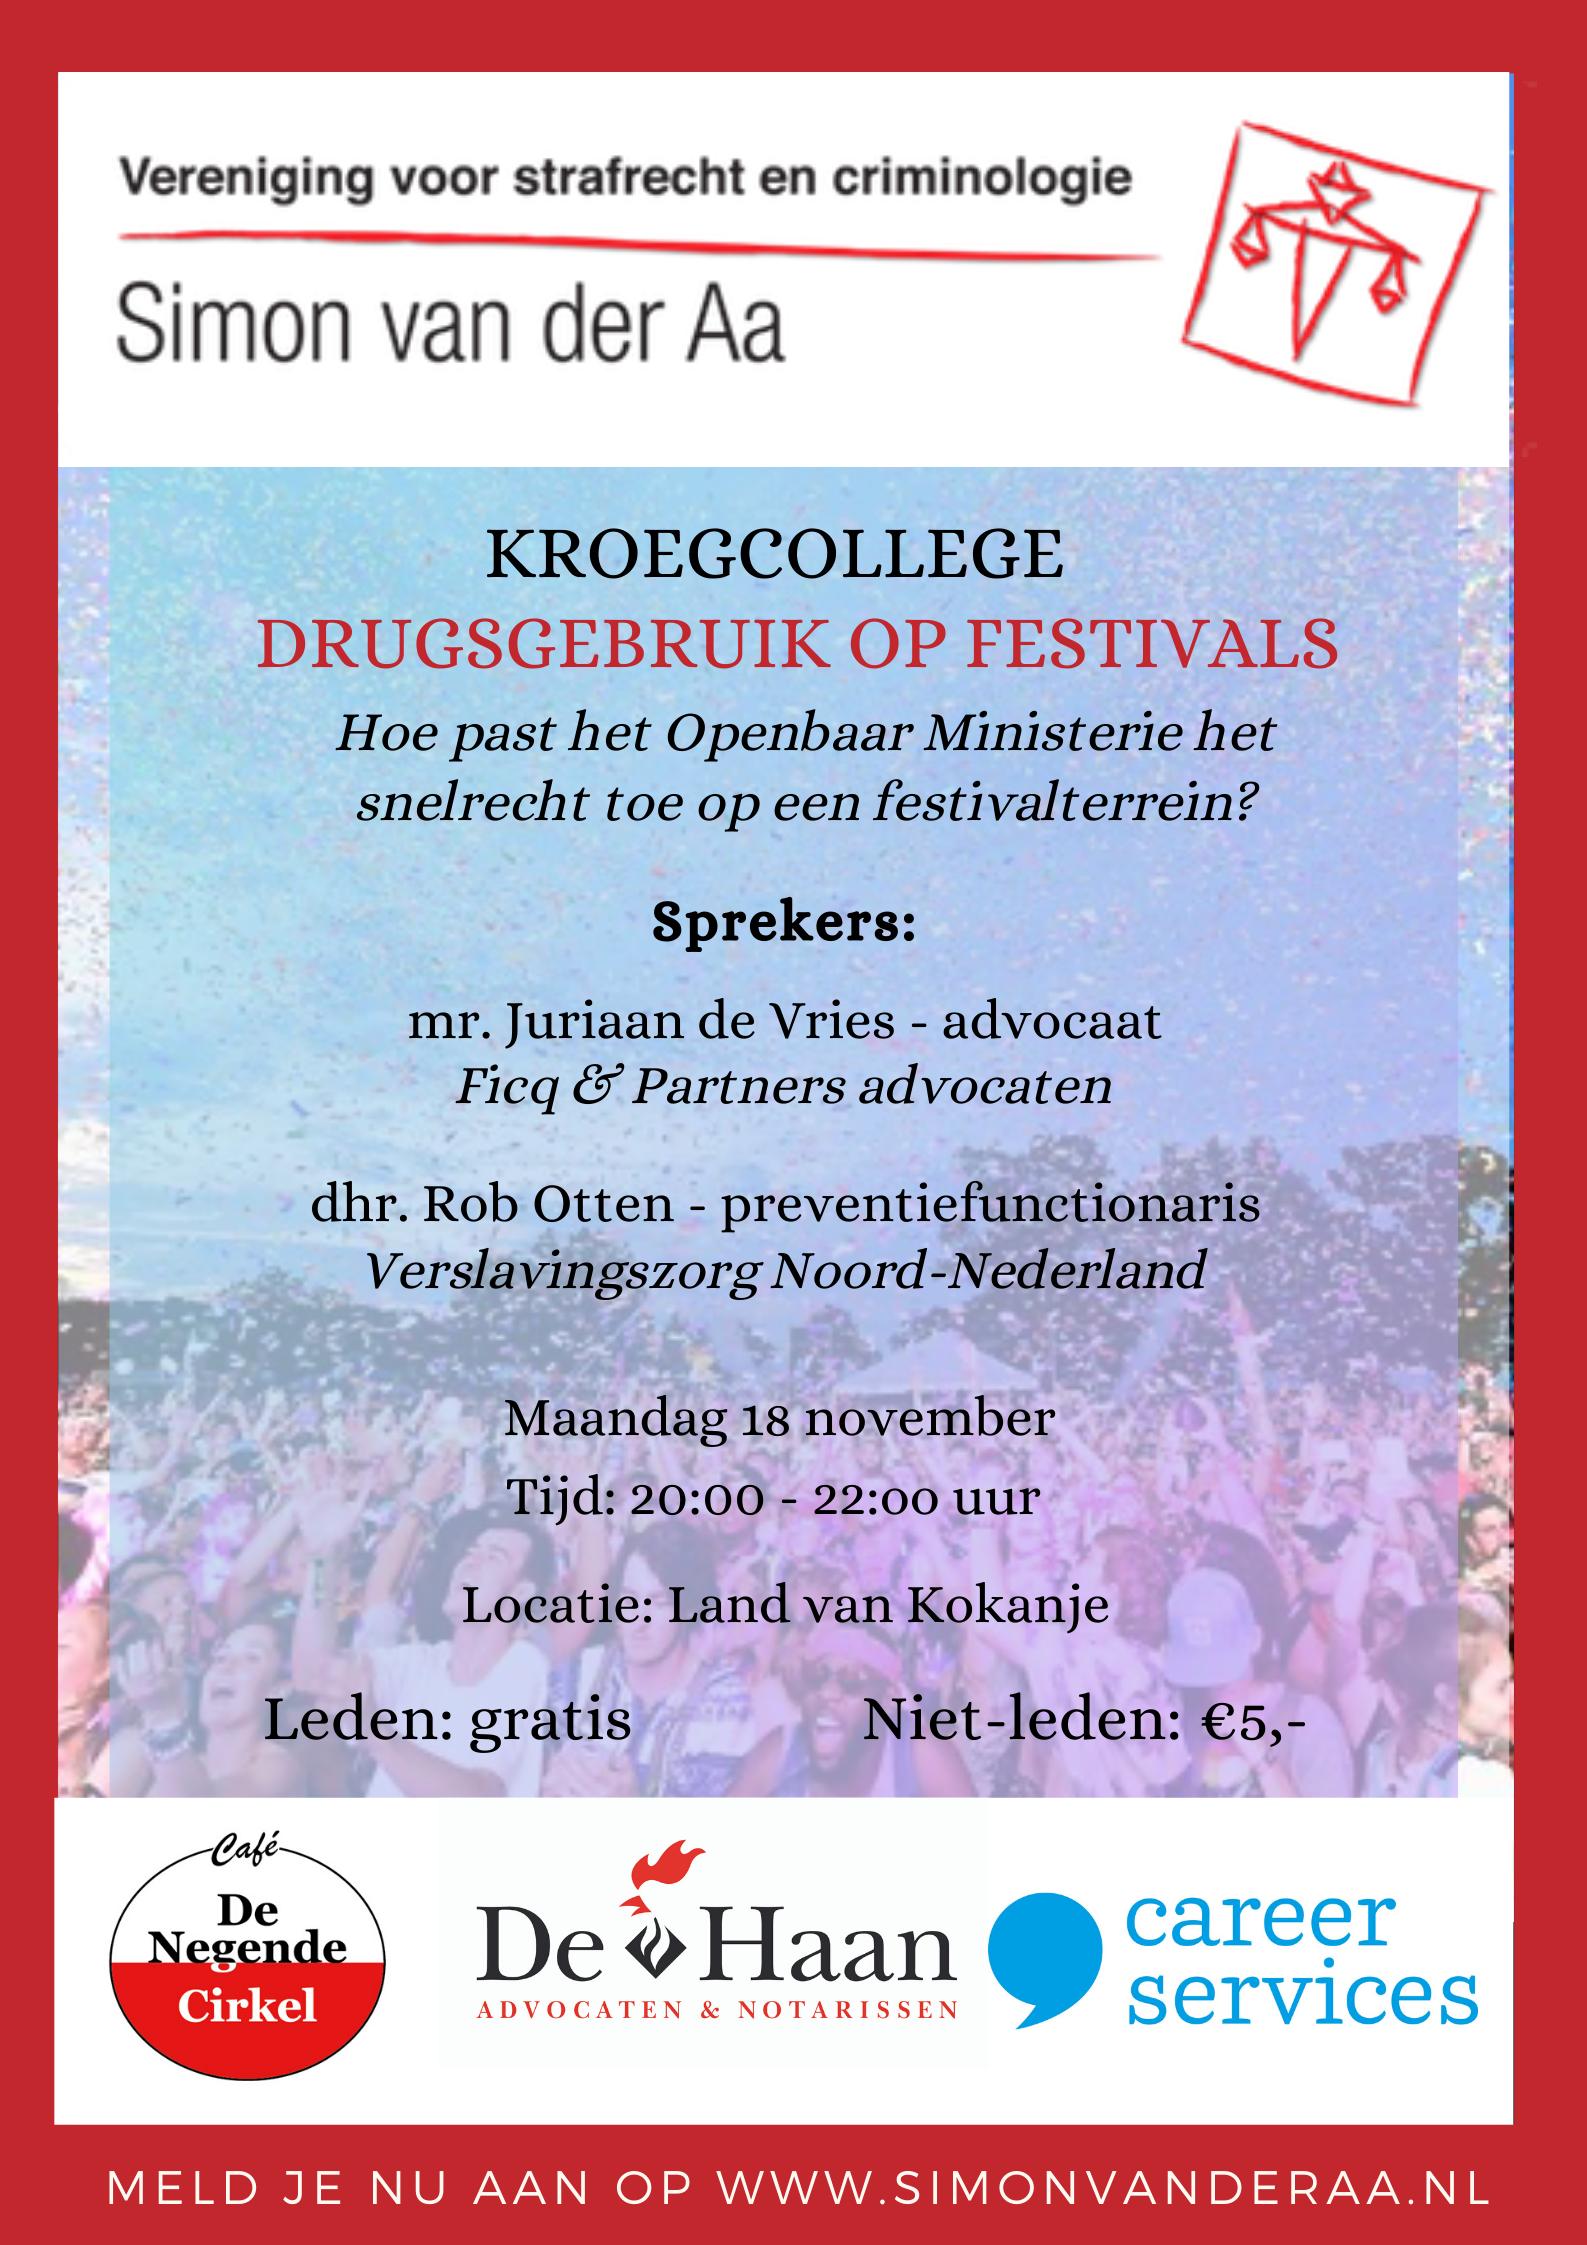 Kroegcollege Drugsgebruik op festivals. Hoe past het Openbaar Ministerie het snelrecht toe op een festivalterrein?